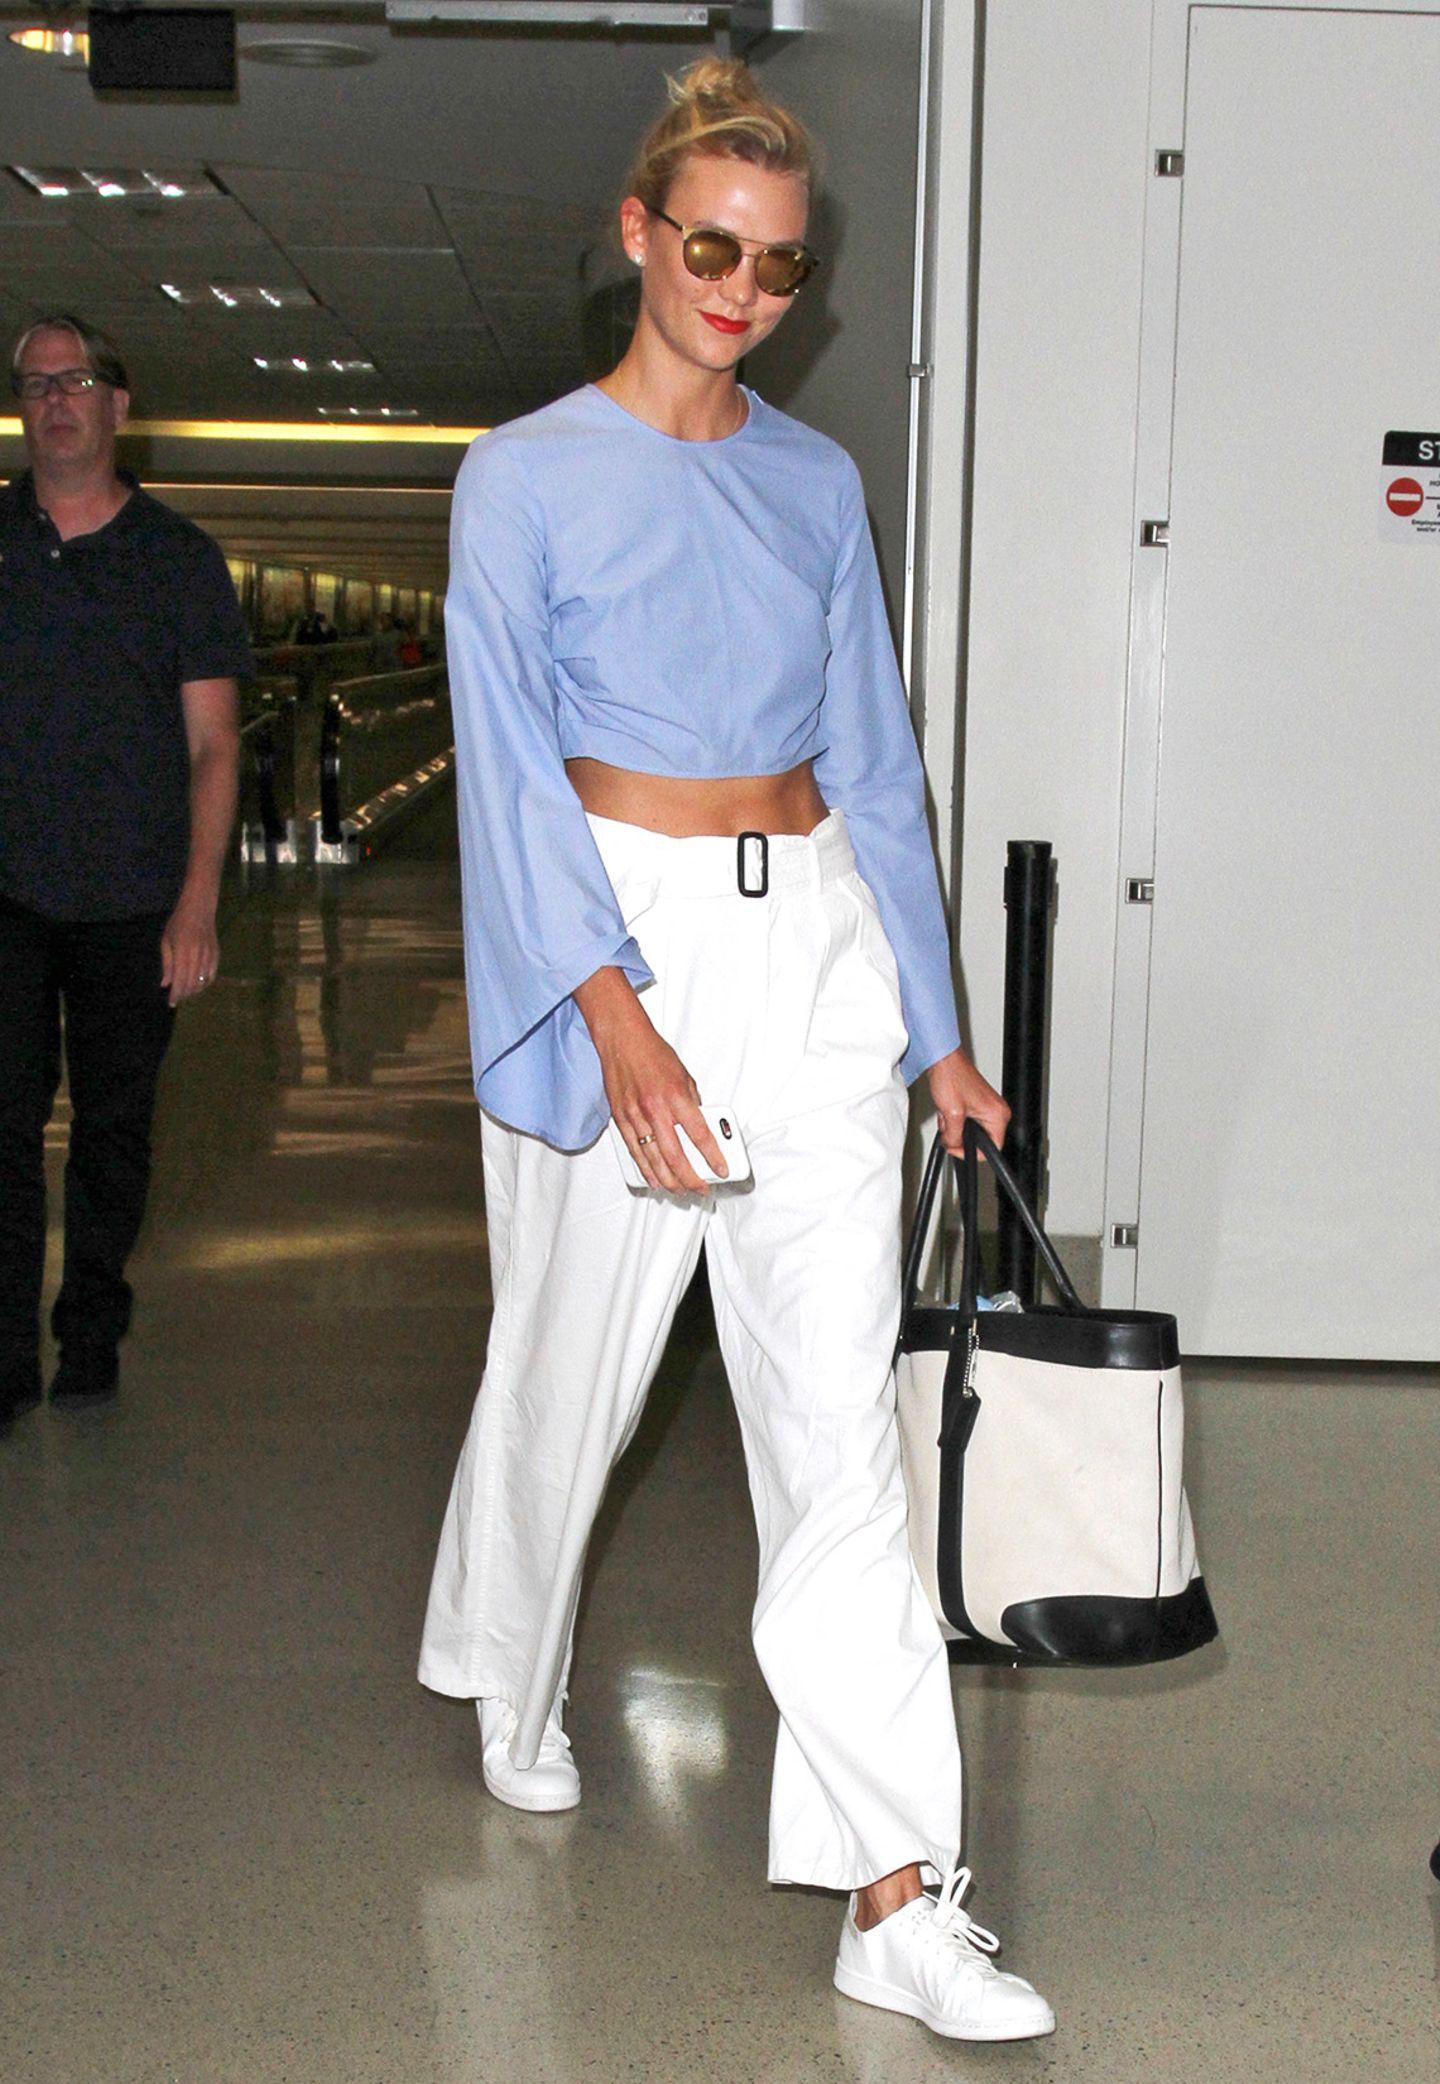 Supermodel Karlie Kloss präsentiert ihren trainierten Bauch zwischen hellblauer Bluse und bequemer, weißer Hose.